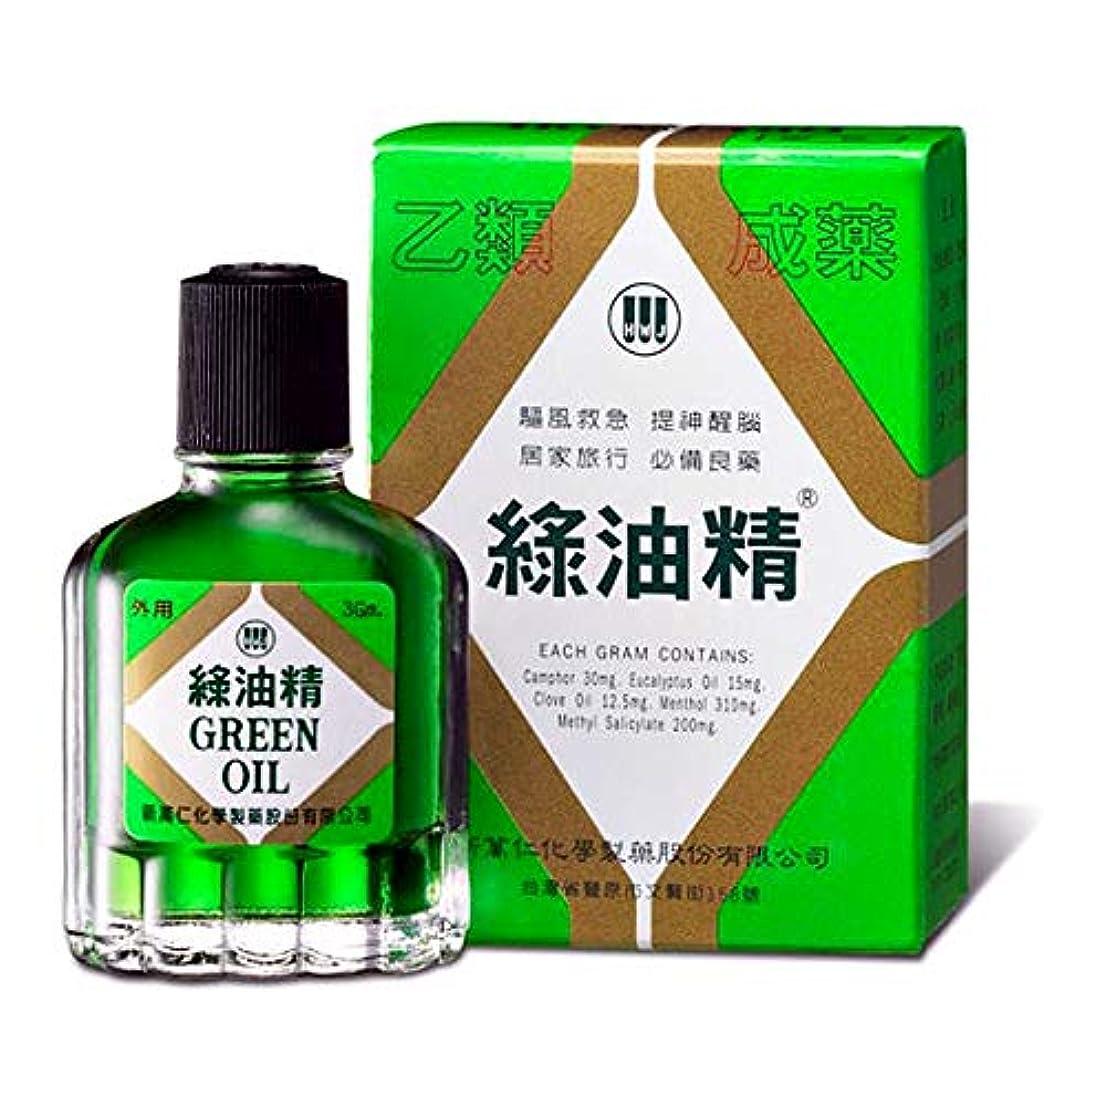 花テーマ区別《新萬仁》台湾の万能グリーンオイル 緑油精 3g 《台湾 お土産》 [並行輸入品]